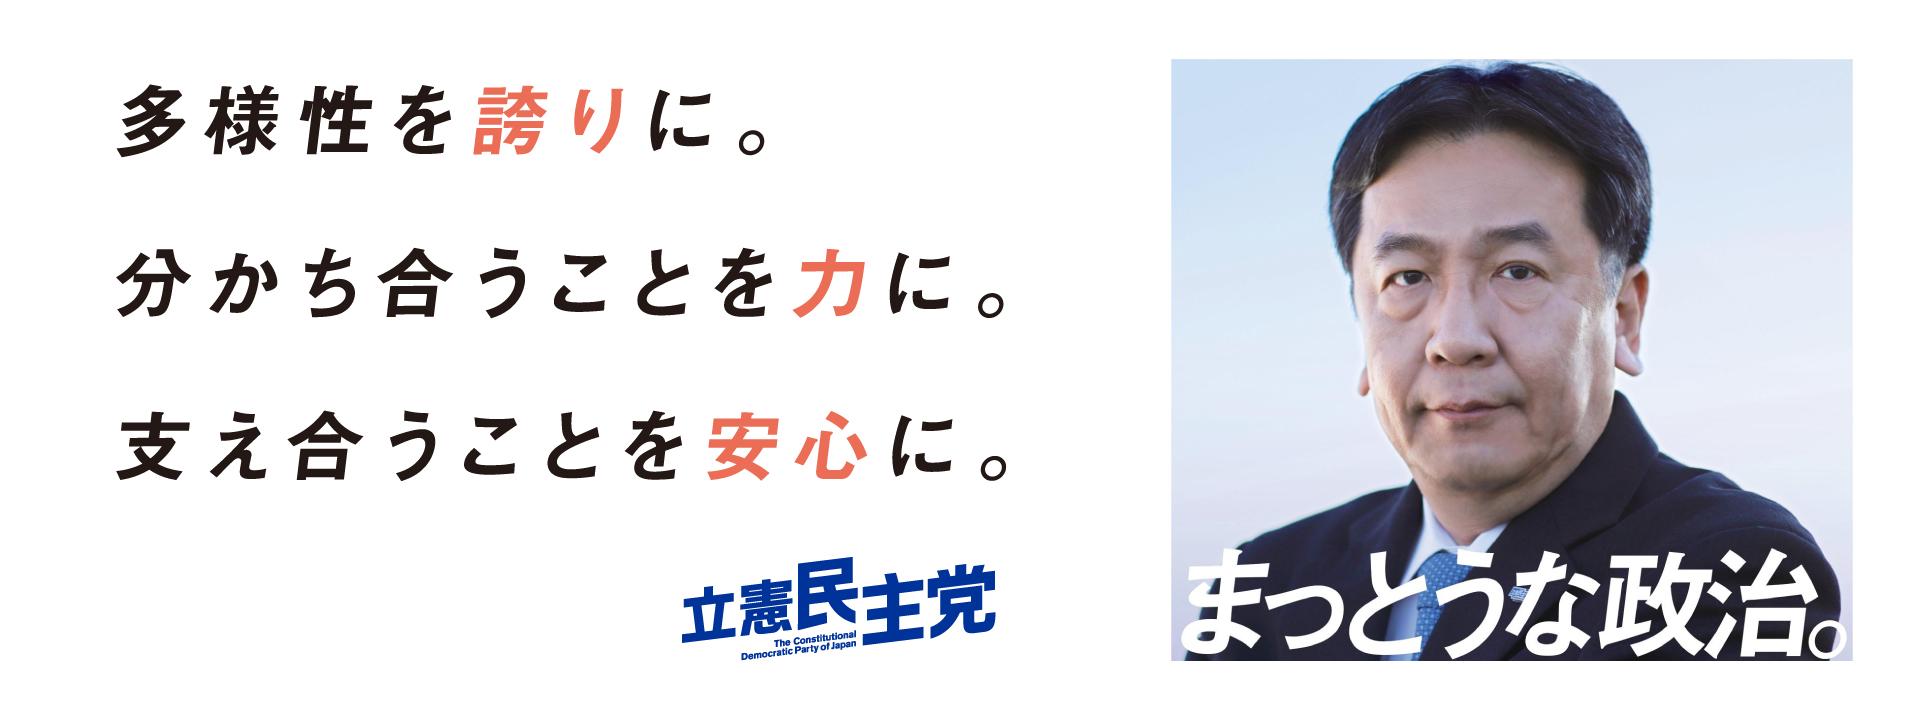 大阪イマ→みらい計画 | 立憲民主党大阪府連合